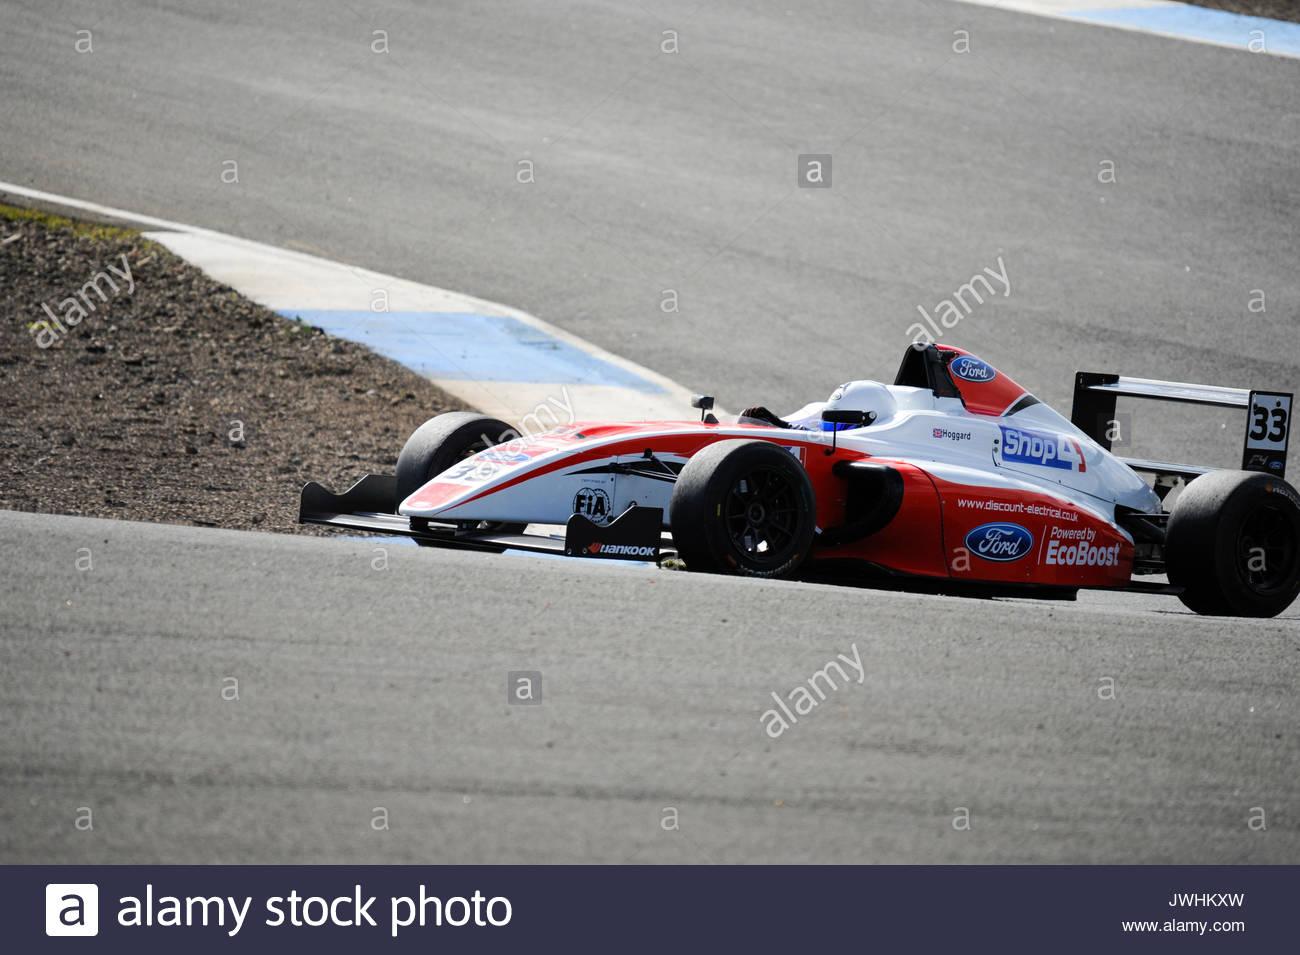 Dunfermline, UK. 13 Aug, 2017. (33) Jonathan Hoggard in der Haarnadelkurve in einem Formel 4 Rennen in der Britischen Meisterschaft Dunlop MSA British Touring Car Championship siebte Runde an der Rennstrecke Knockhill Rennstrecke. Credit: Roger Gaisford/Alamy leben Nachrichten Stockbild